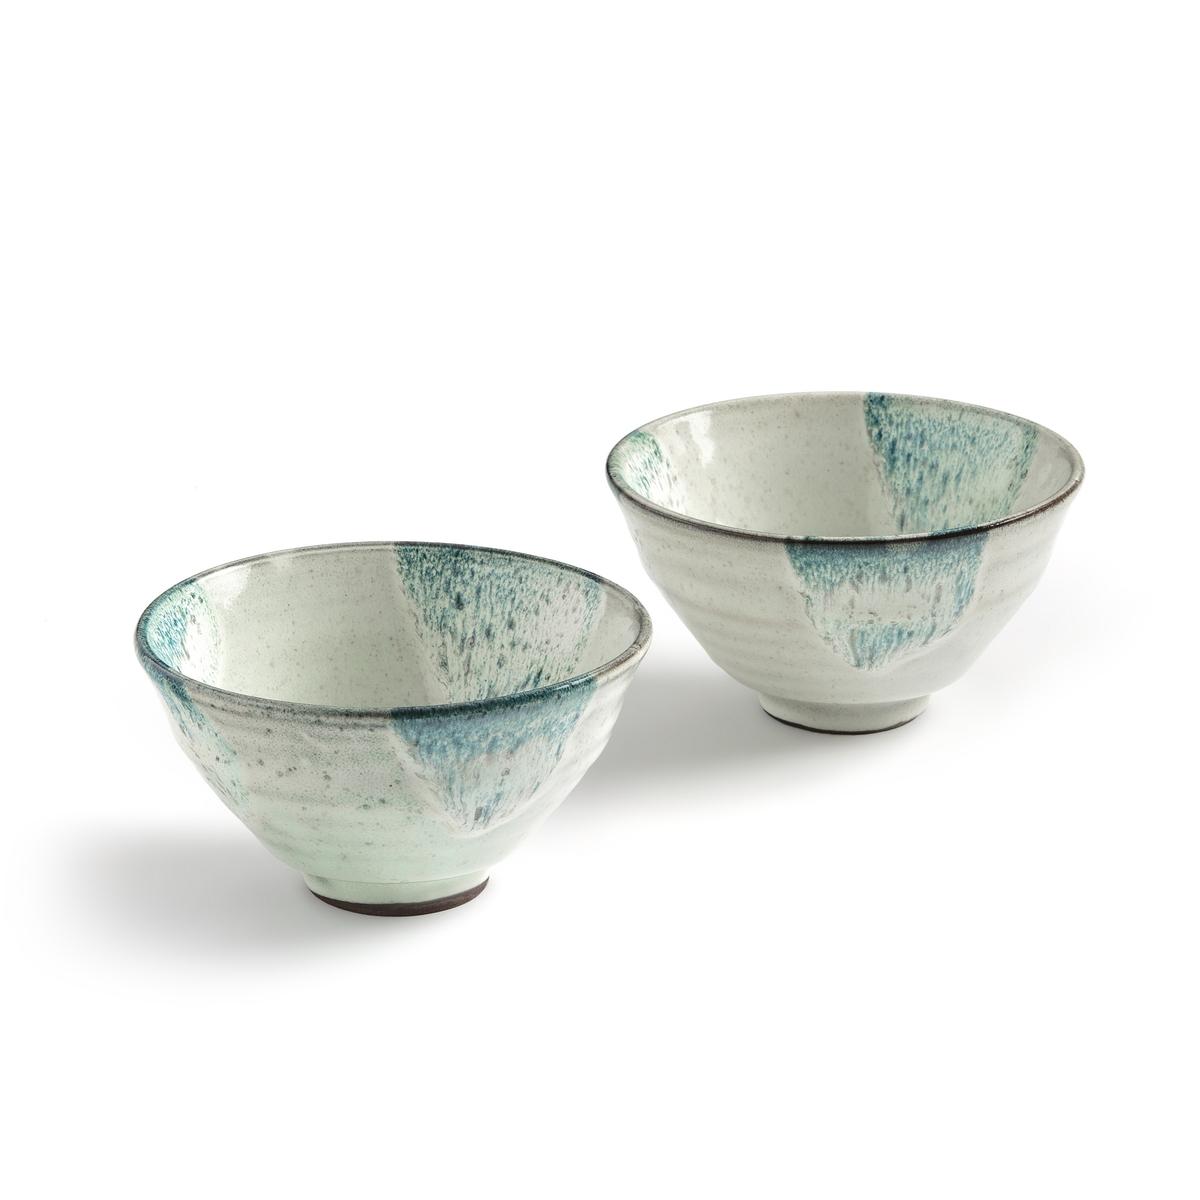 2 Tazze da tè terracotta, Trabina